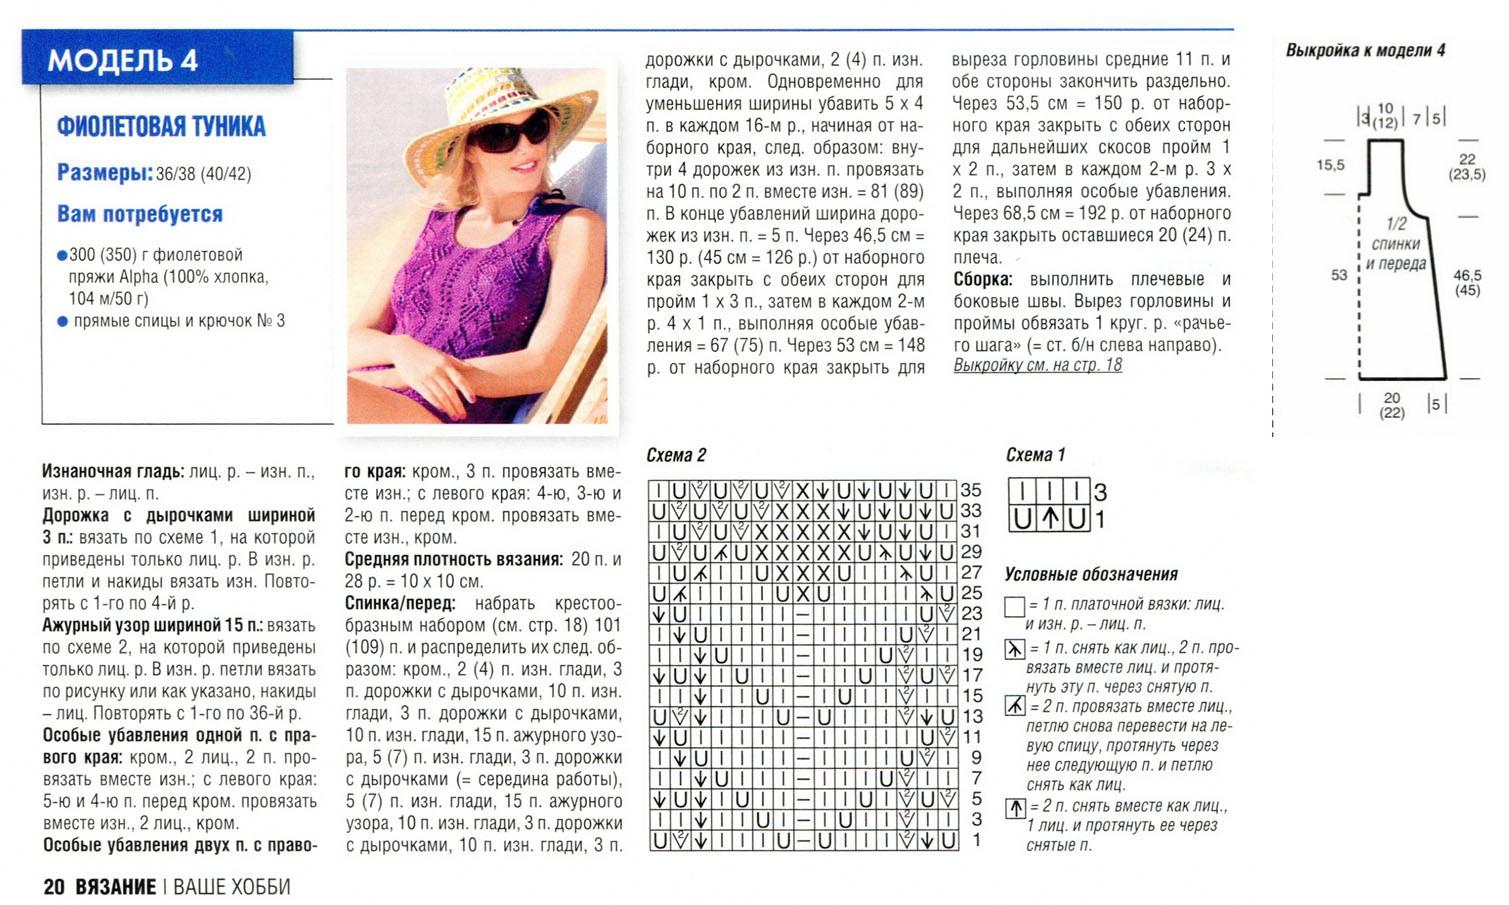 Вязание спицами модели для женщин схема узоров7